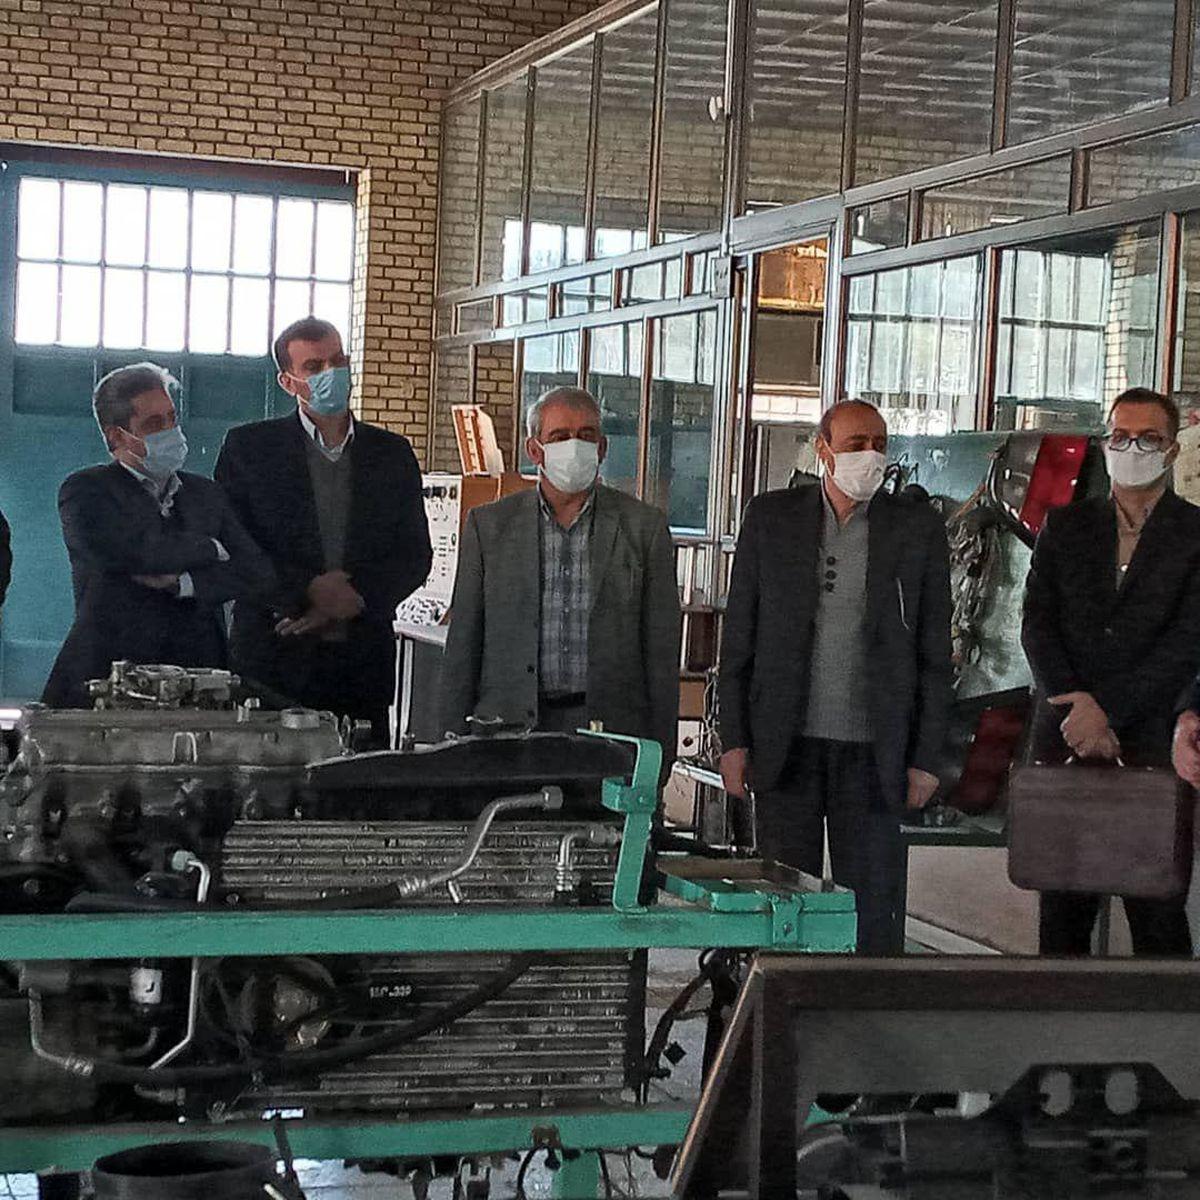 اجرای آموزش دوگانه در مراکز آموزش فنی  و حرفه ای و محیط کار واقعی